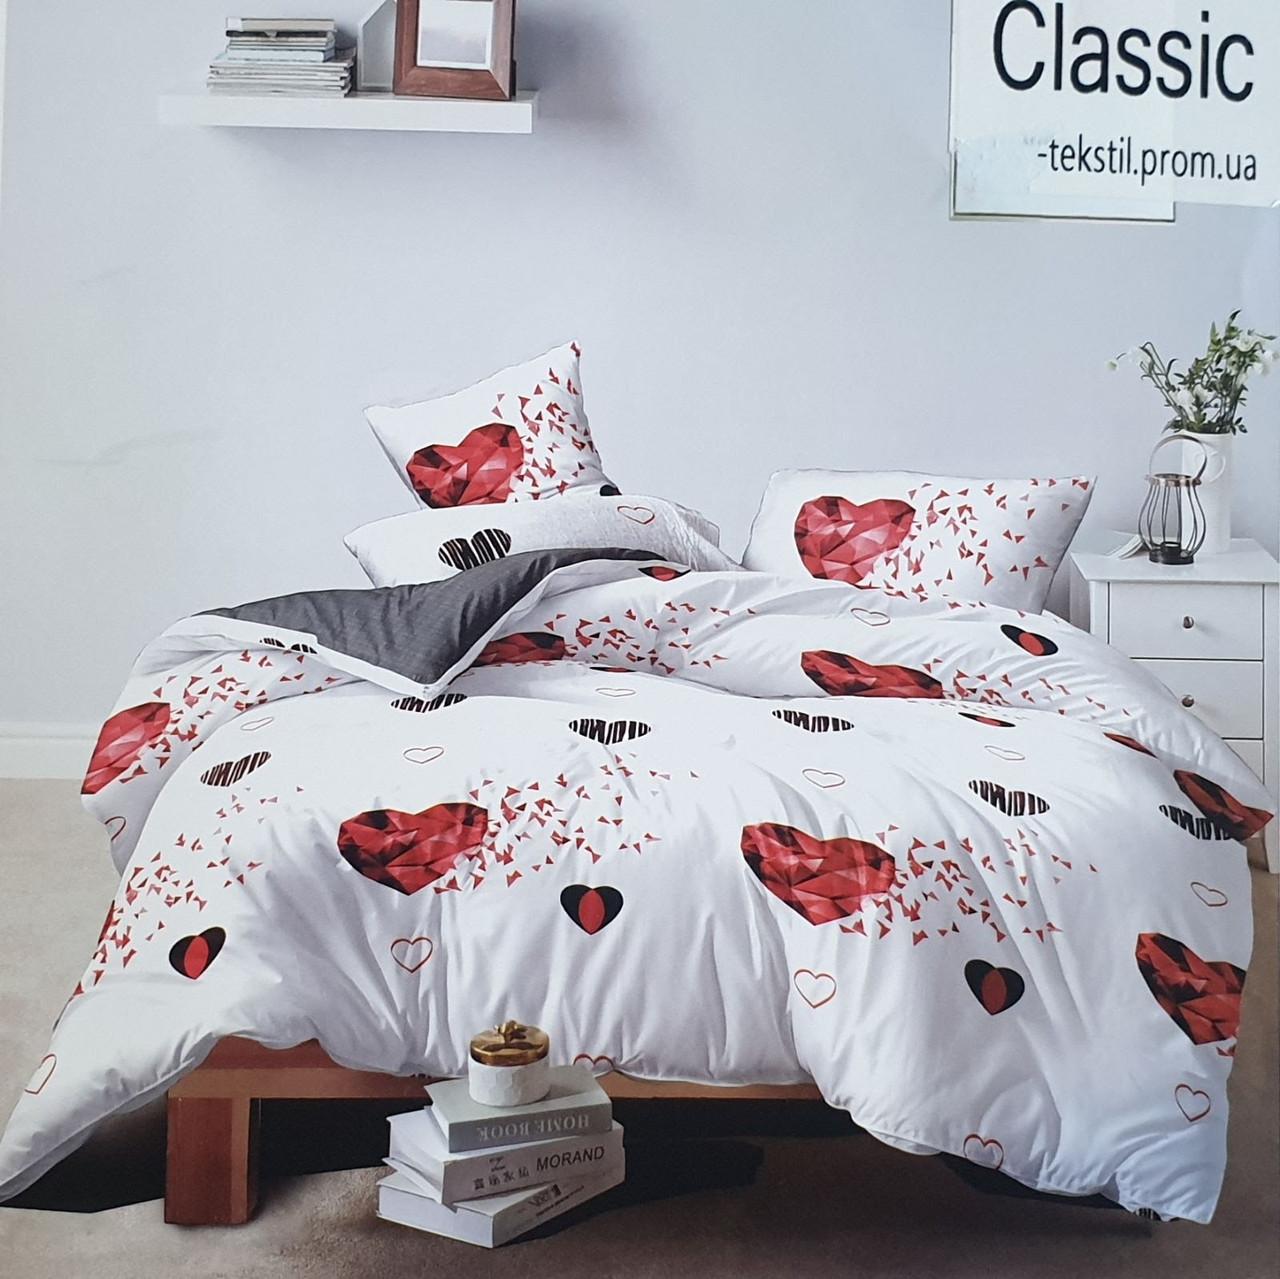 Семейное постельное белье-Рубиновое сердце